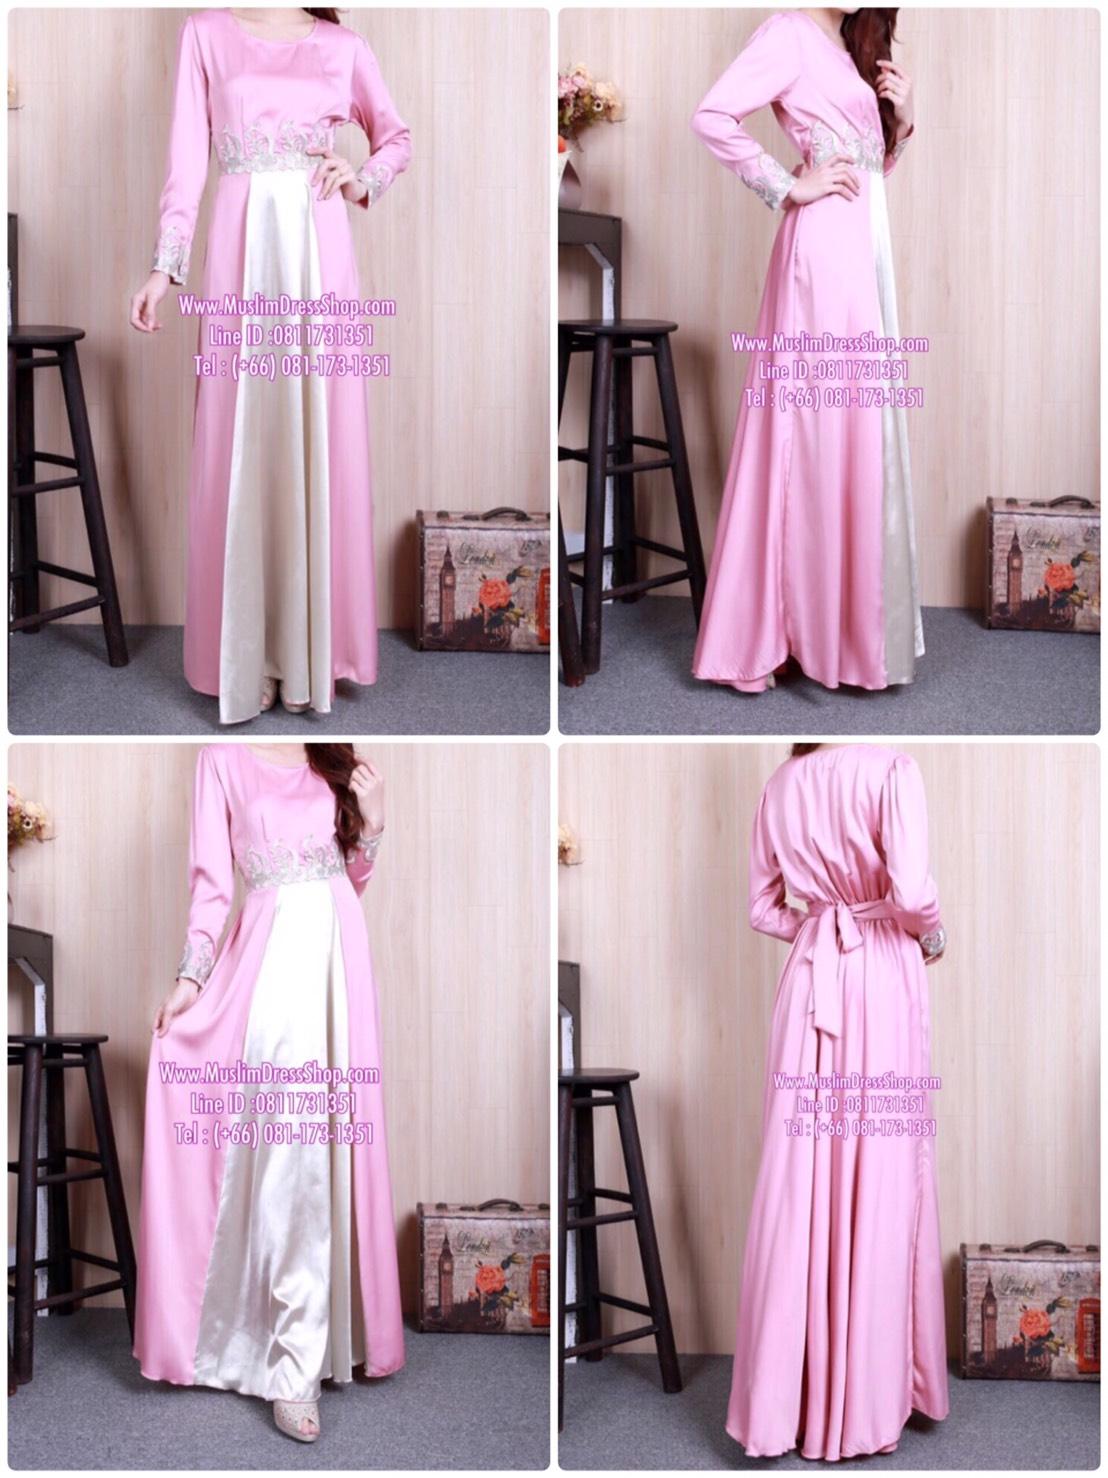 ชุดเดรสอิสลามแฟชั่นราคาถูกมุสลิมอิสลามผ้าคลุมผมฮิญาบชุดมุสลิมชุดเดรสราคาถูกเสื้อผ้าแฟชั่นมุสลิมDressสวยๆ เดรสยาวมุสลิมเดรสdress muslimah Muslim dress Muslim Drชุดเดรสมุสลิมแฟชั่นพร้อมผ้าพัน ชุดเดรสลูกไม้สีเงินหรูหรา ID : LcB0000001 MuslimDressShop by HaRiThah S. จำหน่าย เดรสมุสลิมไซส์พิเศษ ชุดมุสลิม, เดรสยาว, เสื้อผ้ามุสลิม, ชุดอิสลาม, ชุดอาบายะ. ชุดมุสลิมสวยๆ เสื้อผ้าแฟชั่นมุสลิม ชุดมุสลิมออกงาน ชุดมุสลิมสวยๆ ชุด มุสลิม สวย ๆ ชุด มุสลิม ผู้หญิง ชุดมุสลิม ชุดมุสลิมหญิง ชุด มุสลิม หญิง ชุด มุสลิม หญิง เสื้อผ้ามุสลิม ชุดไปงานมุสลิม ชุดมุสลิม แฟชั่น สินค้าแฟชั่นมุสลิมเสื้อผ้าเดรสมุสลิมสวยๆงามๆ ... เดรสมุสลิม แฟชั่นมุสลิม, เดเดรสมุสลิม, เสื้ออิสลาม,เดรสใส่รายอ แฟชั่นมุสลิม ชุดมุสลิมสวยๆ จำหน่ายผ้าคลุมฮิญาบ ฮิญาบแฟชั่น เดรสมุสลิม แฟชั่นมุสลิแฟชั่นมุสลิม ชุดมุสลิมสวยๆ เสื้อผ้ามุสลิม แฟชั่นเสื้อผ้ามุสลิม เสื้อผ้ามุสลิมะฮ์ ผ้าคลุมหัวมุสลิม ร้านเสื้อผ้ามุสลิม แหล่งขายเสื้อผ้ามุสลิม เสื้อผ้าแฟชั่นมุสลิม แม็กซี่เดรส ชุดราตรียาว เดรสชายหาด กระโปรงยาว ชุดมุสลิม ชุดเครื่องแต่งกายมุสลิม ชุดมุสลิม เดรส ผ้าคลุม ฮิญาบ ผ้าพัน เดรสยาวอิสลาม - จำหน่ายเสื้อผ้าแฟชั่นมุสลิม ผ้าคลุมฮิญาบ แฟชั่นมุสลิม แฟชั่นวัยรุ่นมุสลิม แฟชั่นมุสลิมเท่ๆ,แฟชั่นมุสลิมน่ารัก, เดรสมุสลิม, แฟชั่นคนอ้วน, แฟชั่นสไตล์เกาหลี ,กระเป๋าแฟชั่นนำเข้า,เดรสผ้าลูกไม้ ,เดรสสไตล์โบฮีเมียน , เดรสเกาหลี ,เดรสสวย,เดรสยาว, เดรสมุสลิม, แฟชั่นมุสลิม, เสื้อตัวยาว, เดรสแฟชั่นเกาหลี,แฟชั่นเดรสแขนยาว, เดรสอิสลามถูกๆ,ชุดเดรสอิสลาม, Dress Islam Fashion,ชุดมุสลิมสำหรับสาวไซส์พิเศษ,เครื่องแต่งกายของสุภาพสตรีมุสลิม, ฮิญาบ, ผ้าคลุมสวย ๆ,ชุดมุสลิมสวยๆ, Islamic Dresses - Arabic style,สินค้าเสื้อผ้าแฟชั่นมุสลิม, เดรสมุสลิมสวยๆ, เดรสมุสลิมไซส์พิเศษ XL,เดรสมุสลิม เสื้อผ้ามุสลิม ชุดมุสลิมไซส์ใหญ่พิเศษ ชุดเดรสมุสลิม แฟชั่นมุสลิม, เดรสมุสลิม, เสื้ออิสลาม,เดรสยาว,ชุดอาบายะ ชุดมุสลิม, เดรสยาว, เสื้อผ้ามุสลิม, ชุดอิสลาม, ชุดอาบายะ,แฟชั่นมุสลิม ชุดมุสลิมสวยๆ จำหน่ายผ้าคลุมฮิญาบ ฮิญาบแฟชั่น เดรสมุสลิม แฟชั่นมุสลิมแฟชั่น แหล่งขายเสื้อผ้ามุสลิม เสื้อผ้าแฟชั่นมุสลิม แม็กซี่เดรส ชุดราตรียาว เดรสชายหาด เดรสมุสลิมราคาถูก,เดรส มุสลิมสวยๆราคาถูกที่สุด,ชุดเดรสมุส